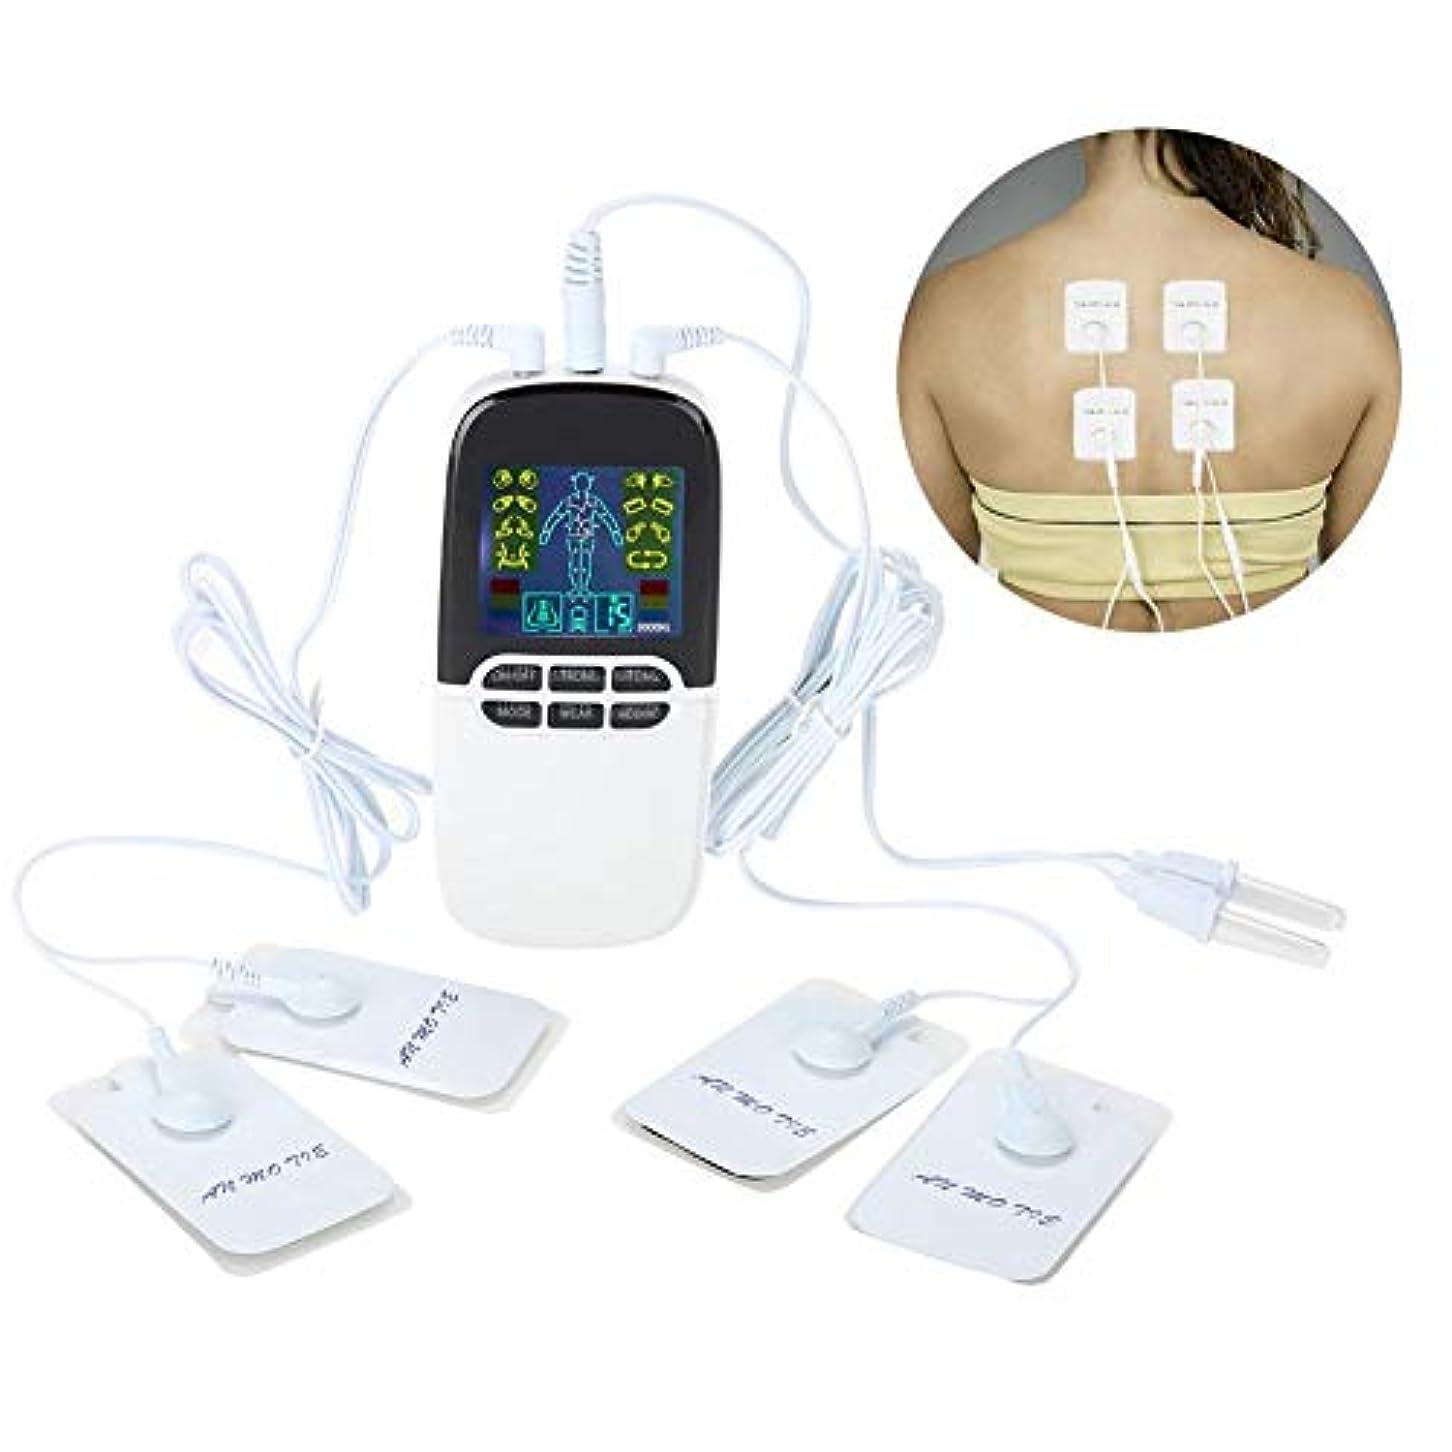 子供っぽい中絶合成携帯用子午線のマッサージャー、電子筋肉はヘルパーボディ痛みの軽減のデジタル脈拍装置ヘルスケア用具を緩めます